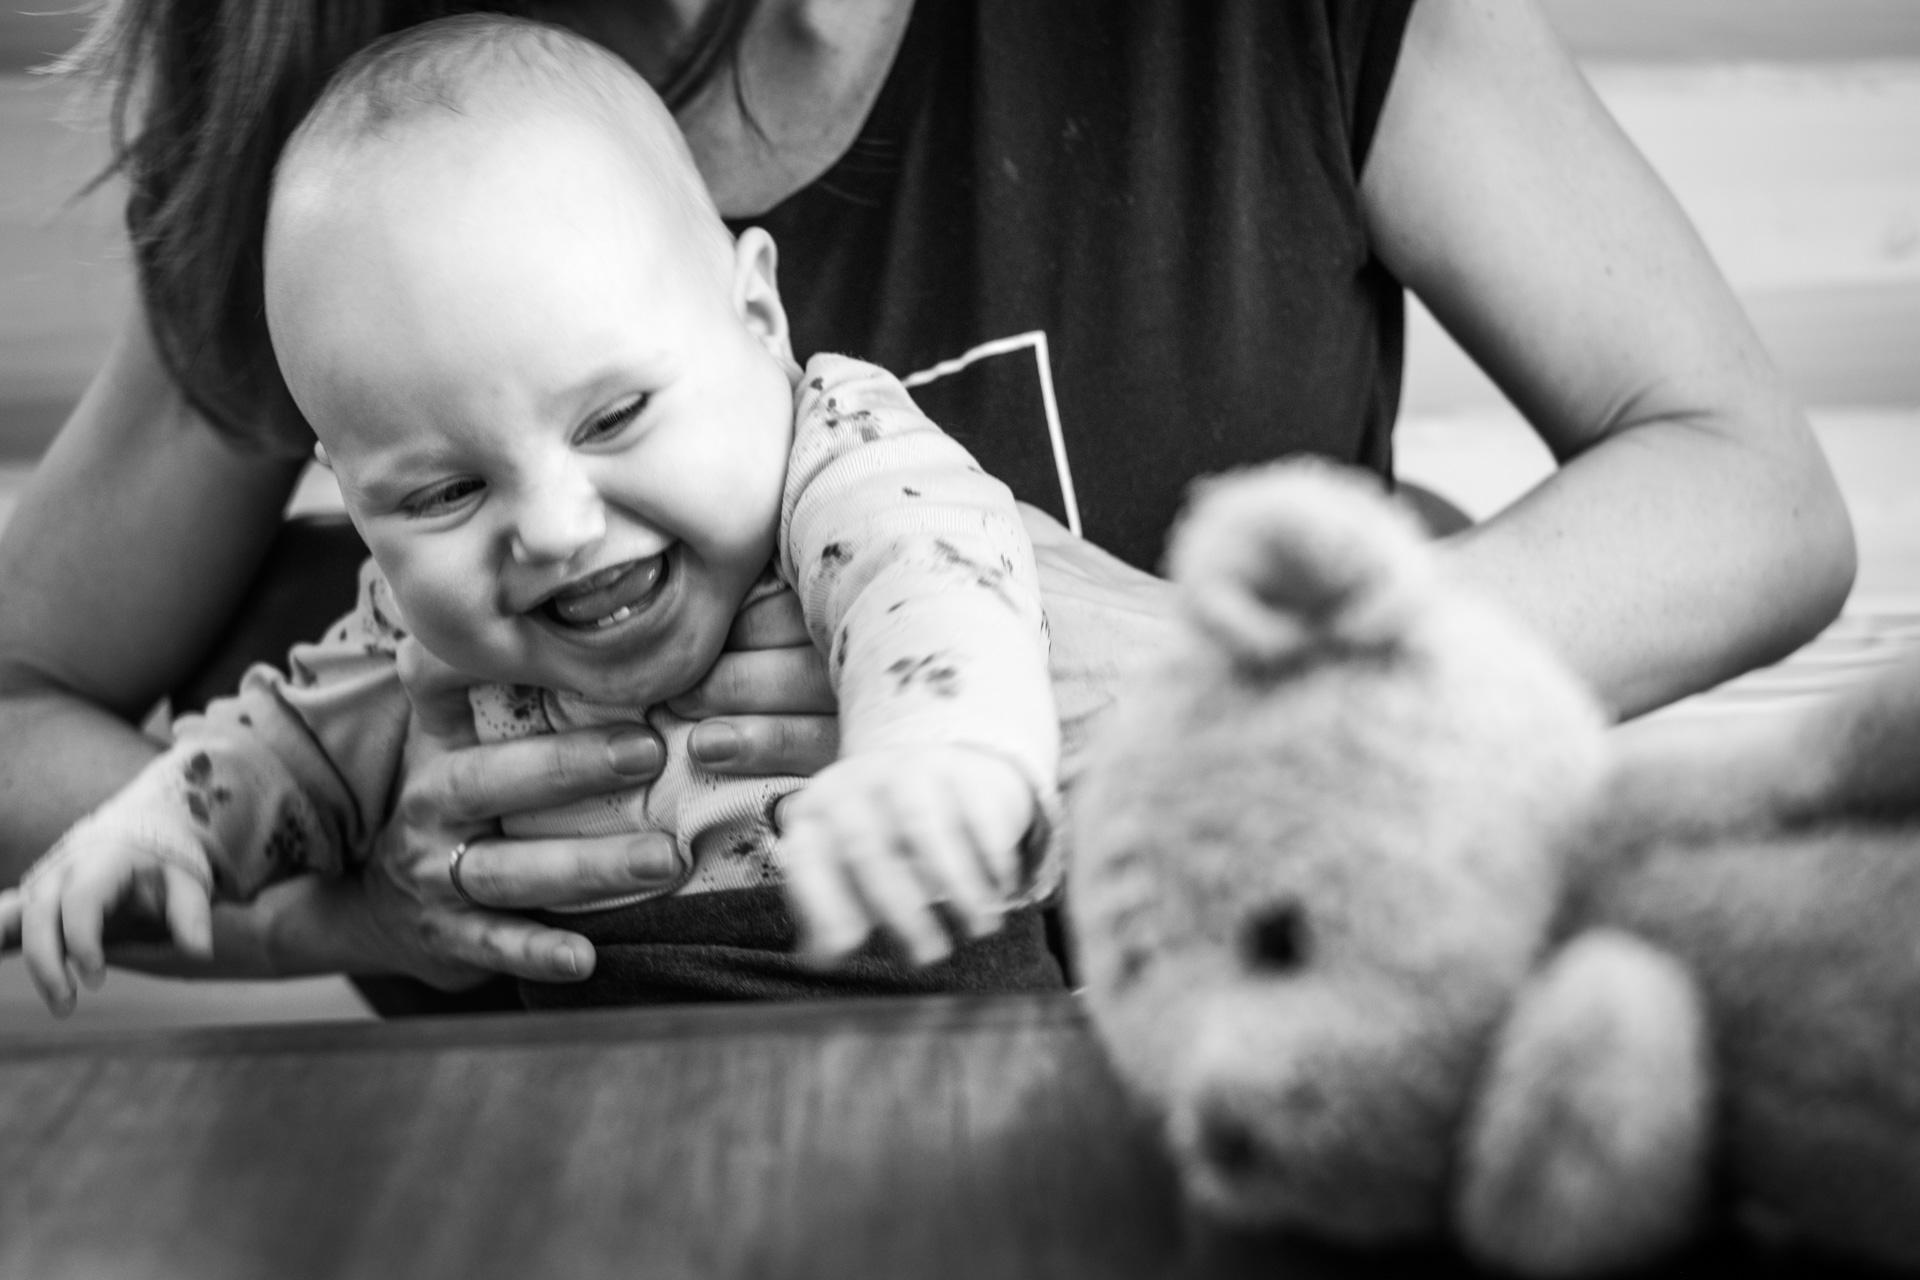 Liten jente sitter i fanget til en voksen. Jenta ler, og strekker seg etter bamse som ligger foran henne.